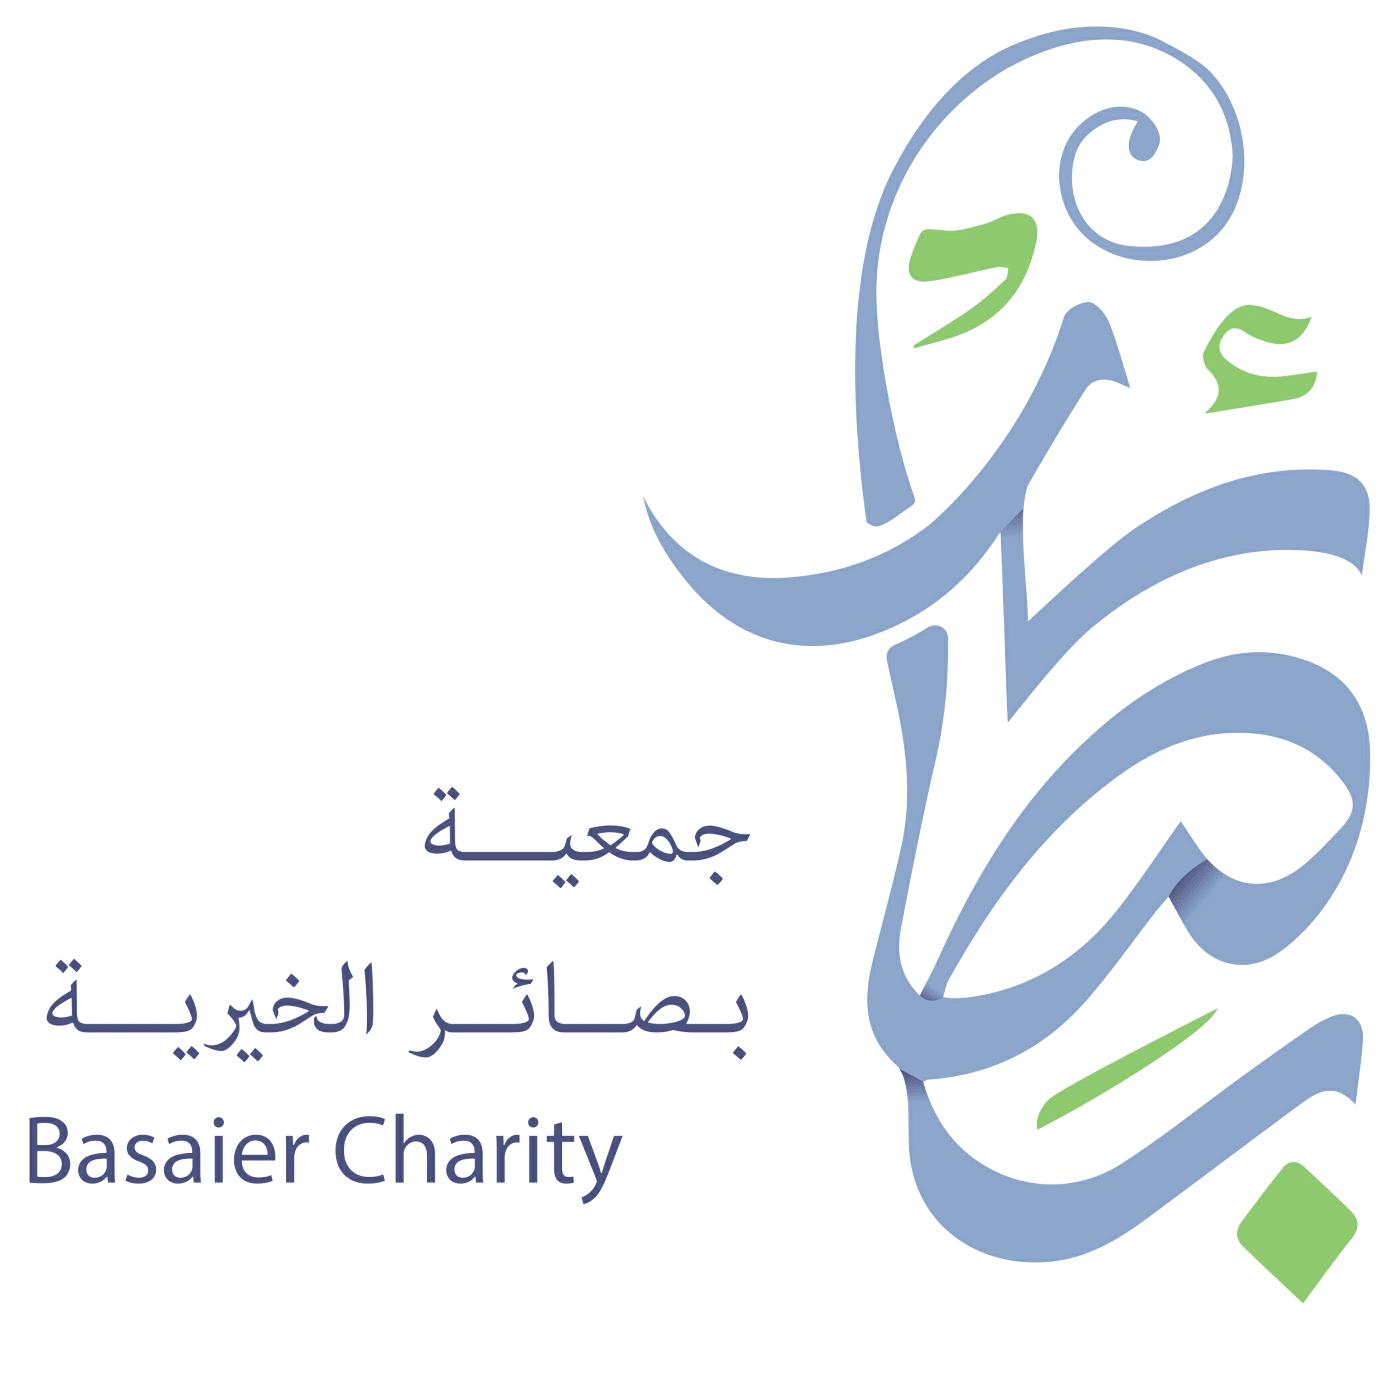 Basaier